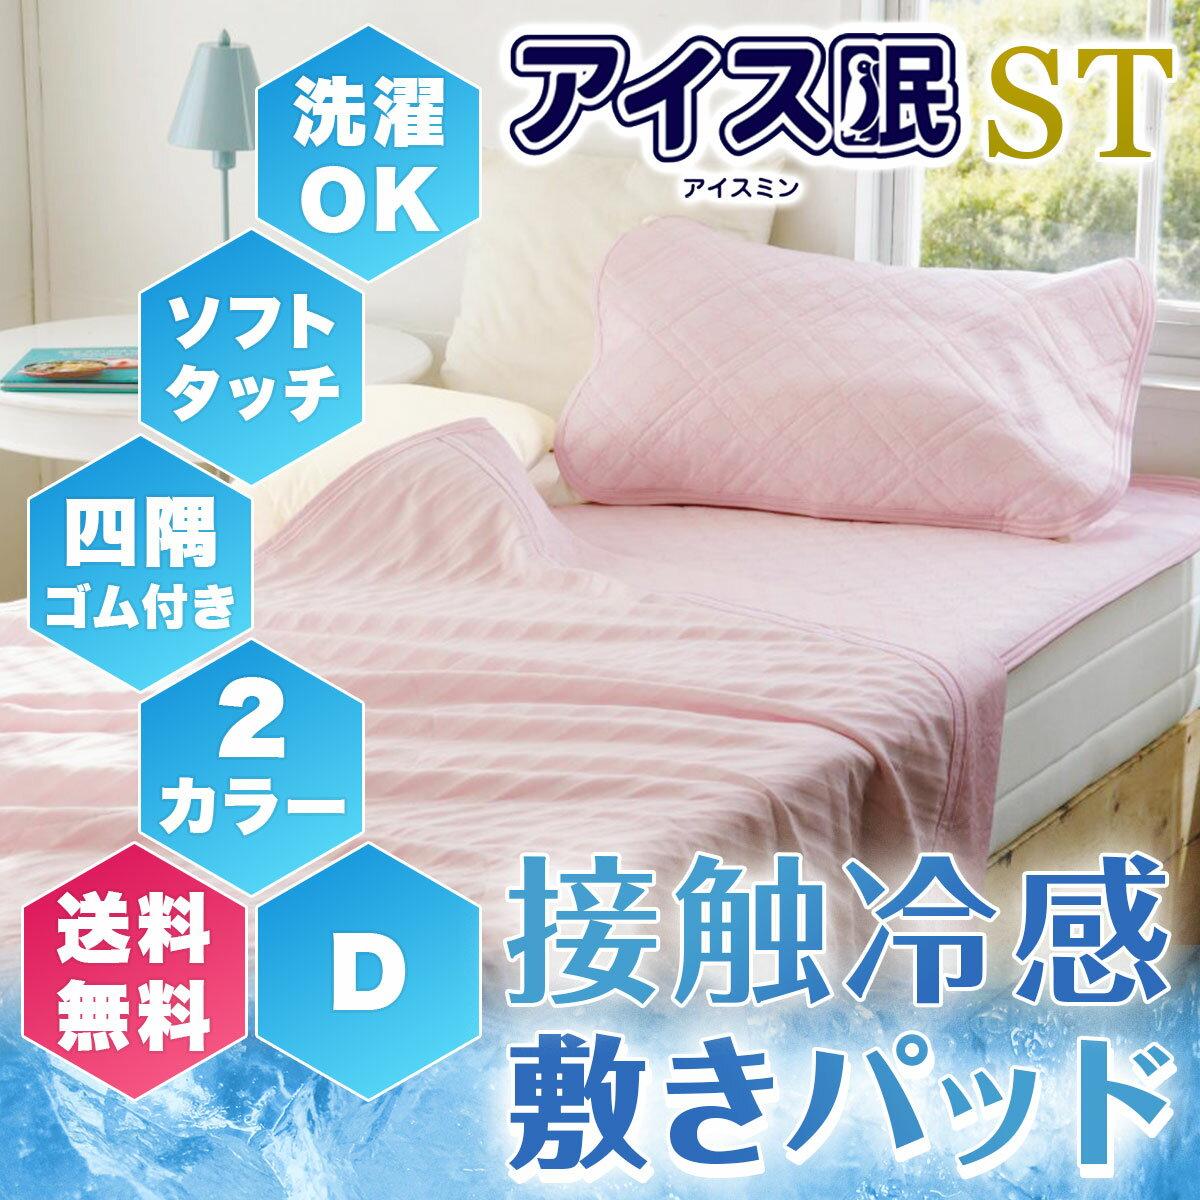 ロマンス小杉 敷きパッドD 140x205cm ダブル アイス眠 ST ひんやり 冷たい クール 洗濯 洗える 清潔